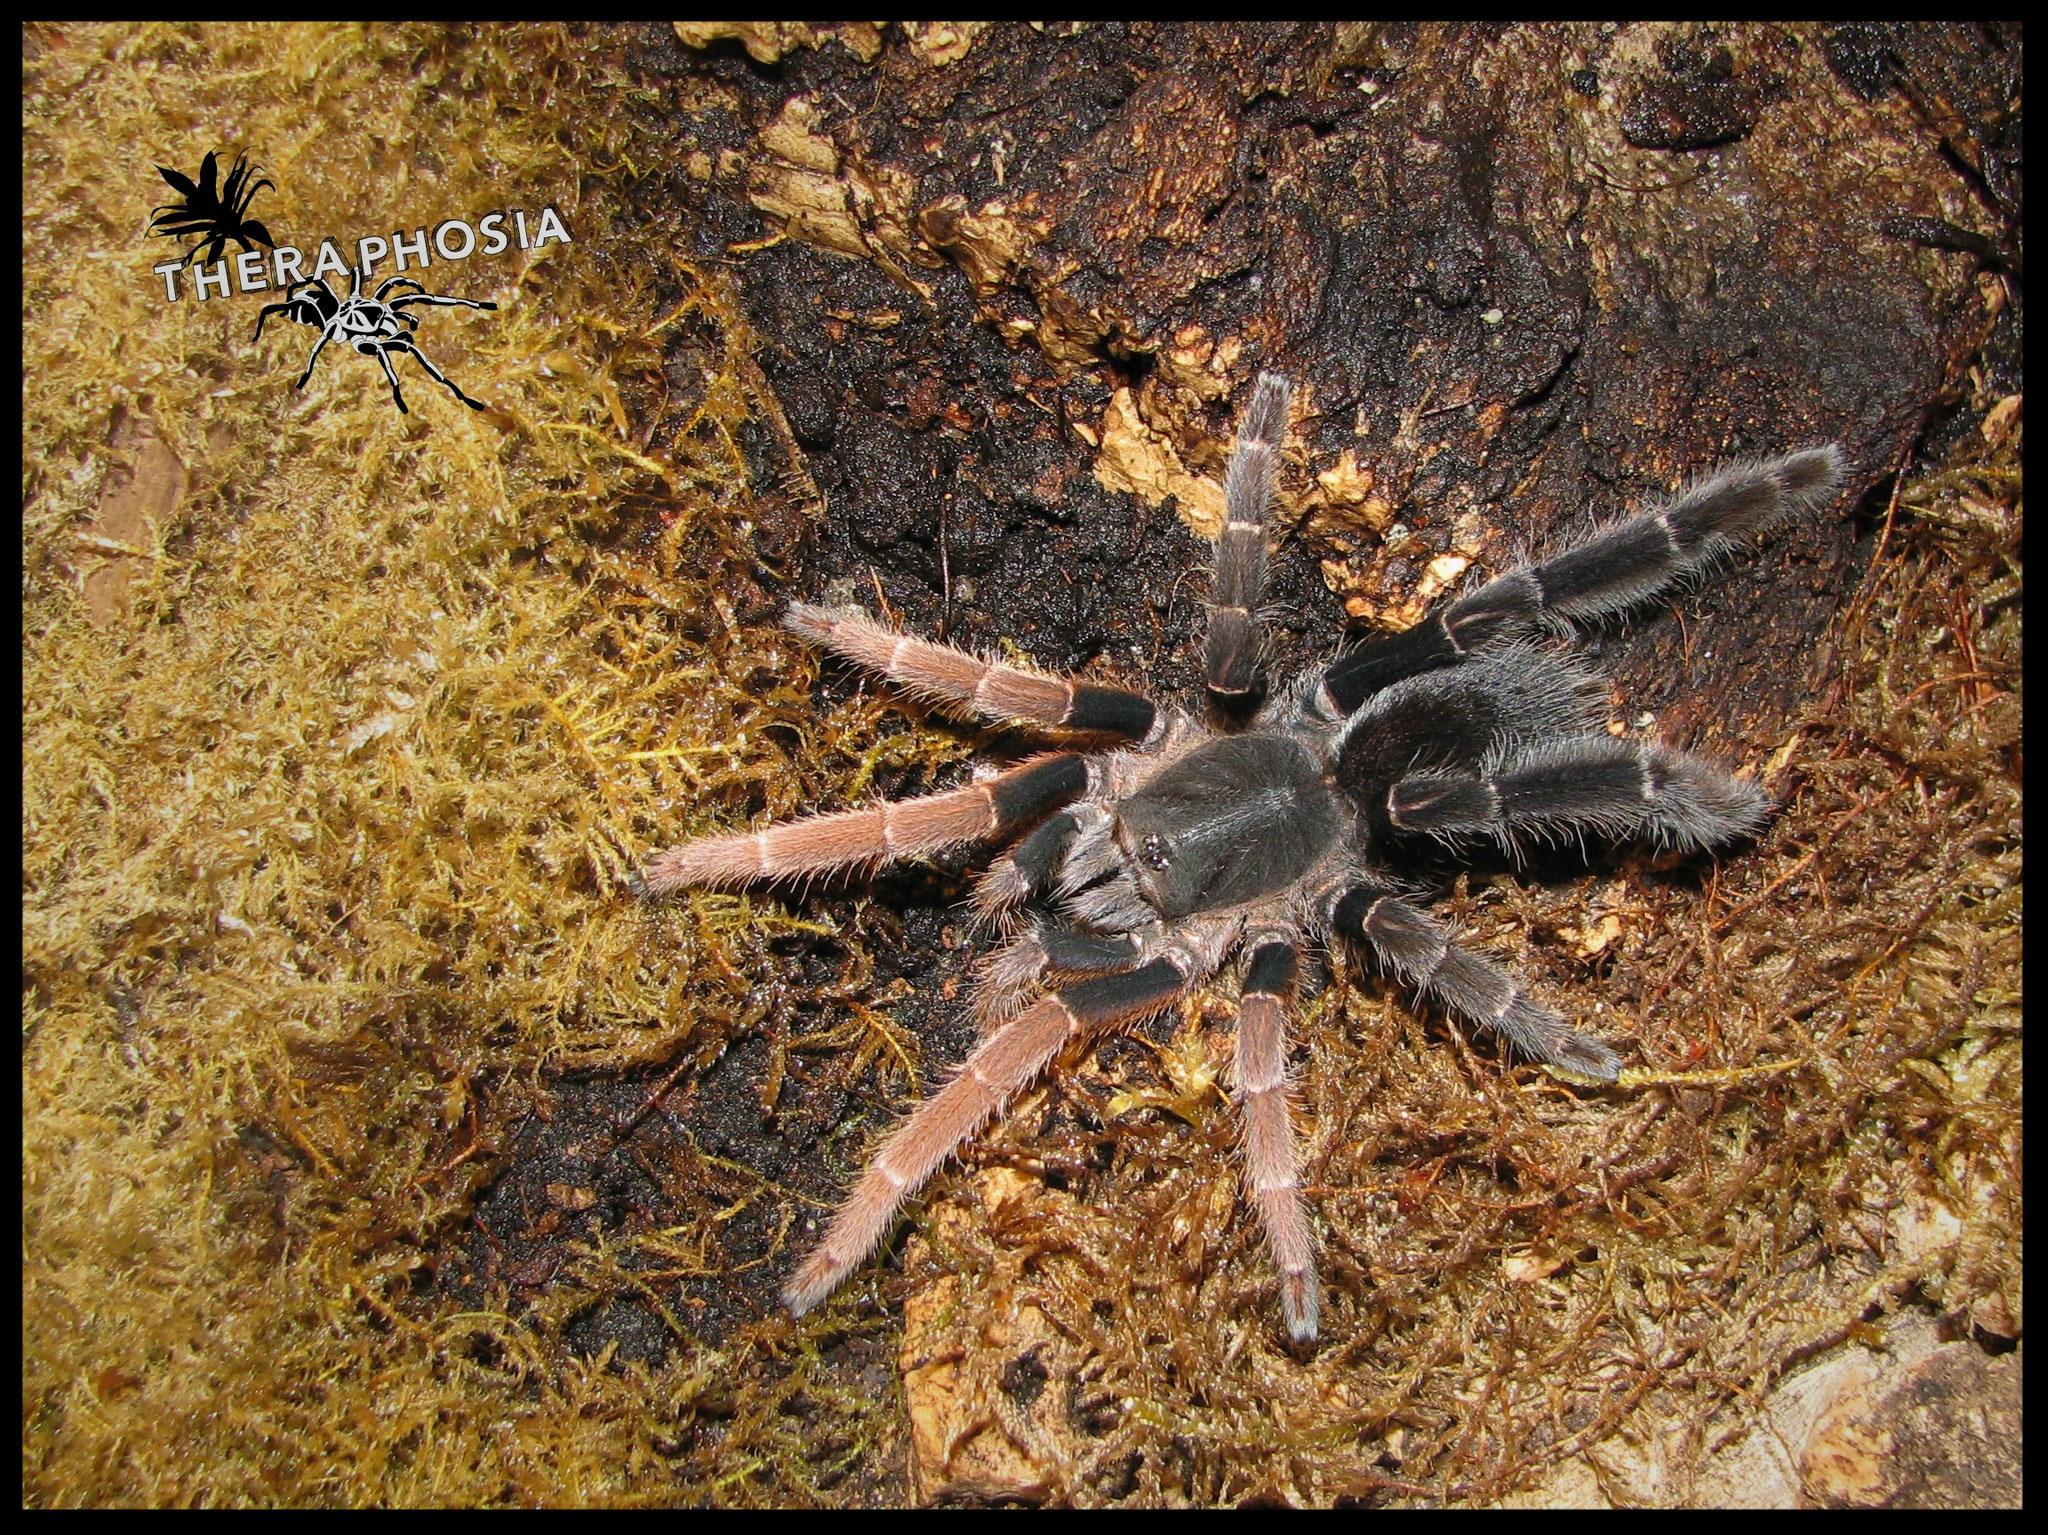 0.1 Lyrognathus giannisposatoi